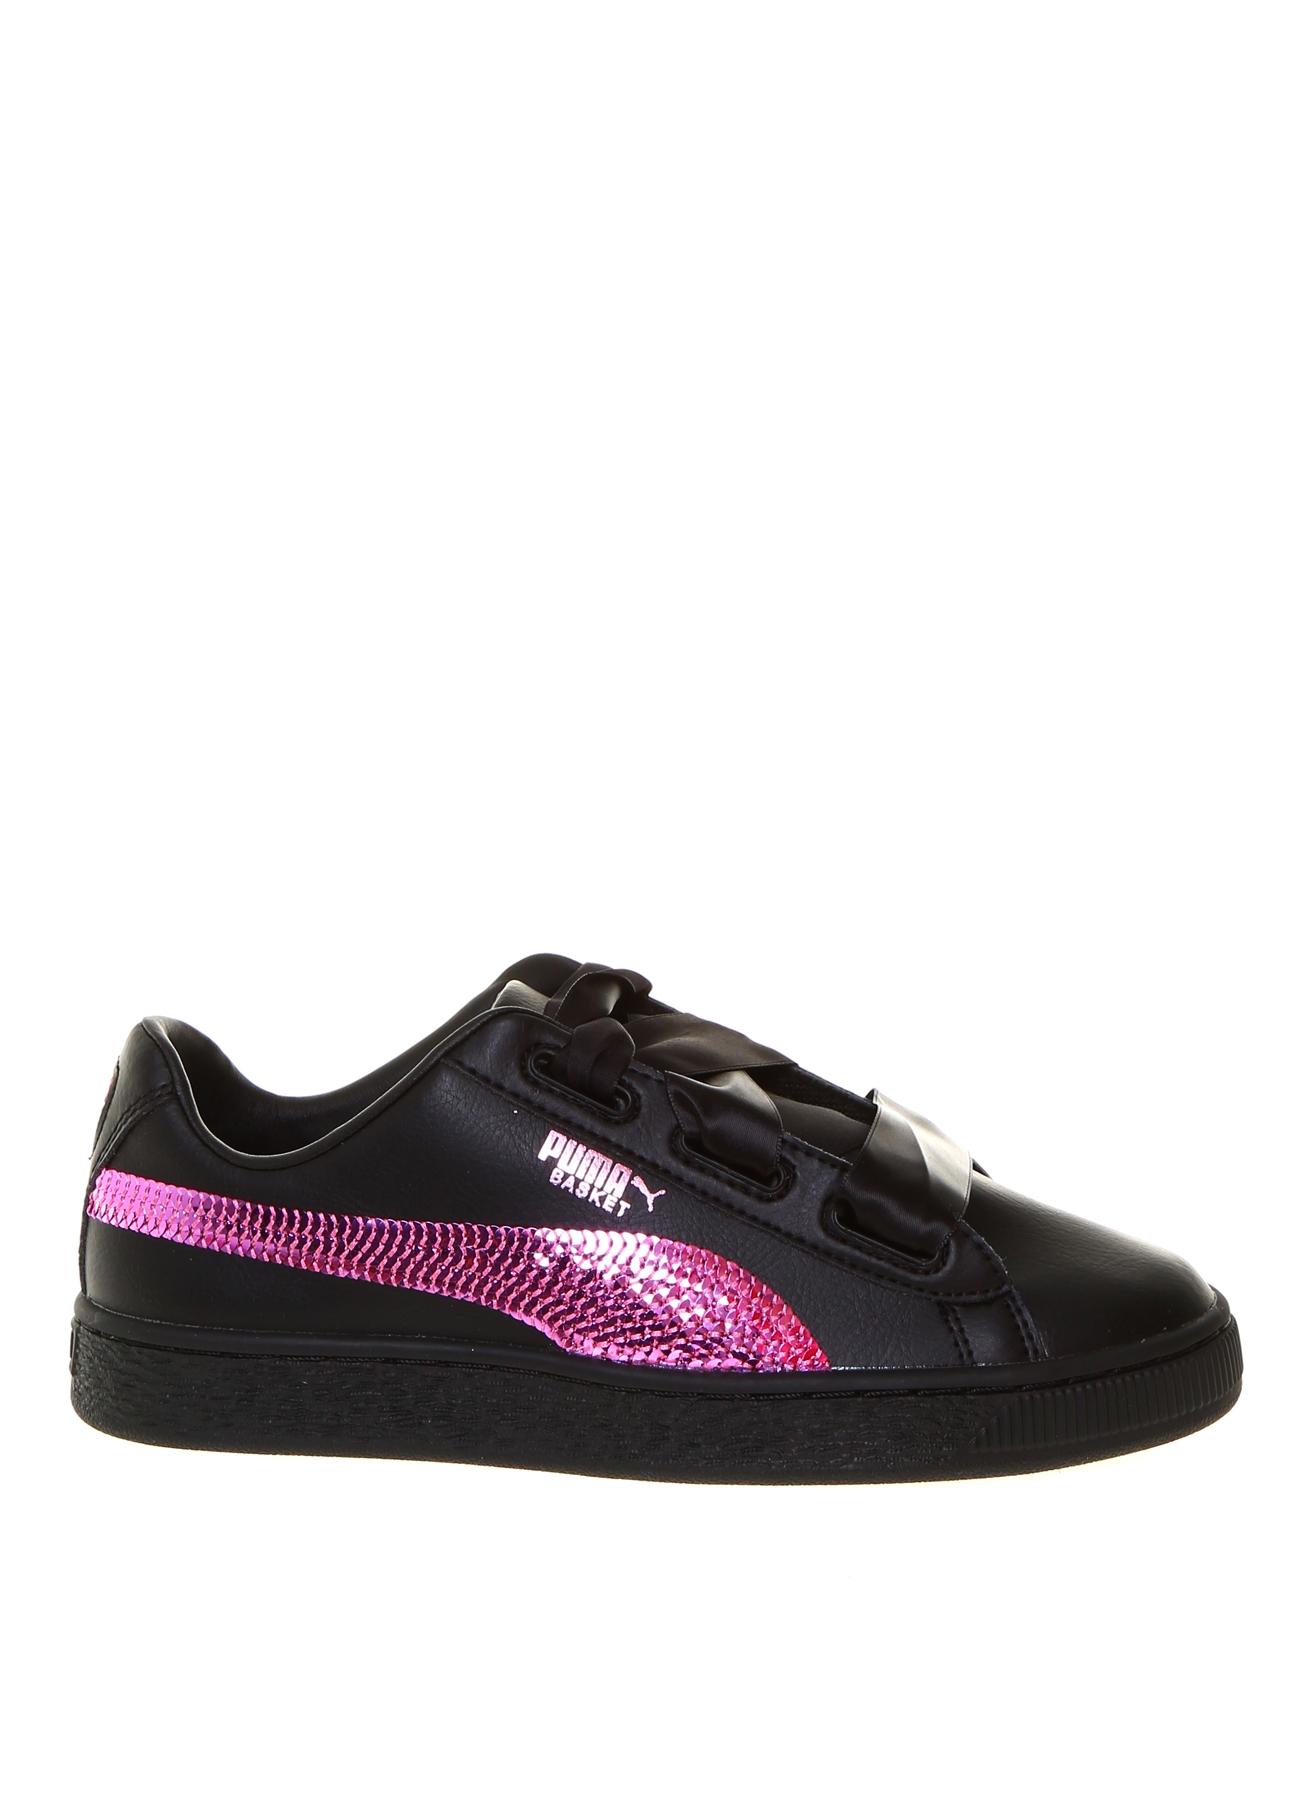 Puma Yürüyüş Ayakkabısı 39 5001697559007 Ürün Resmi